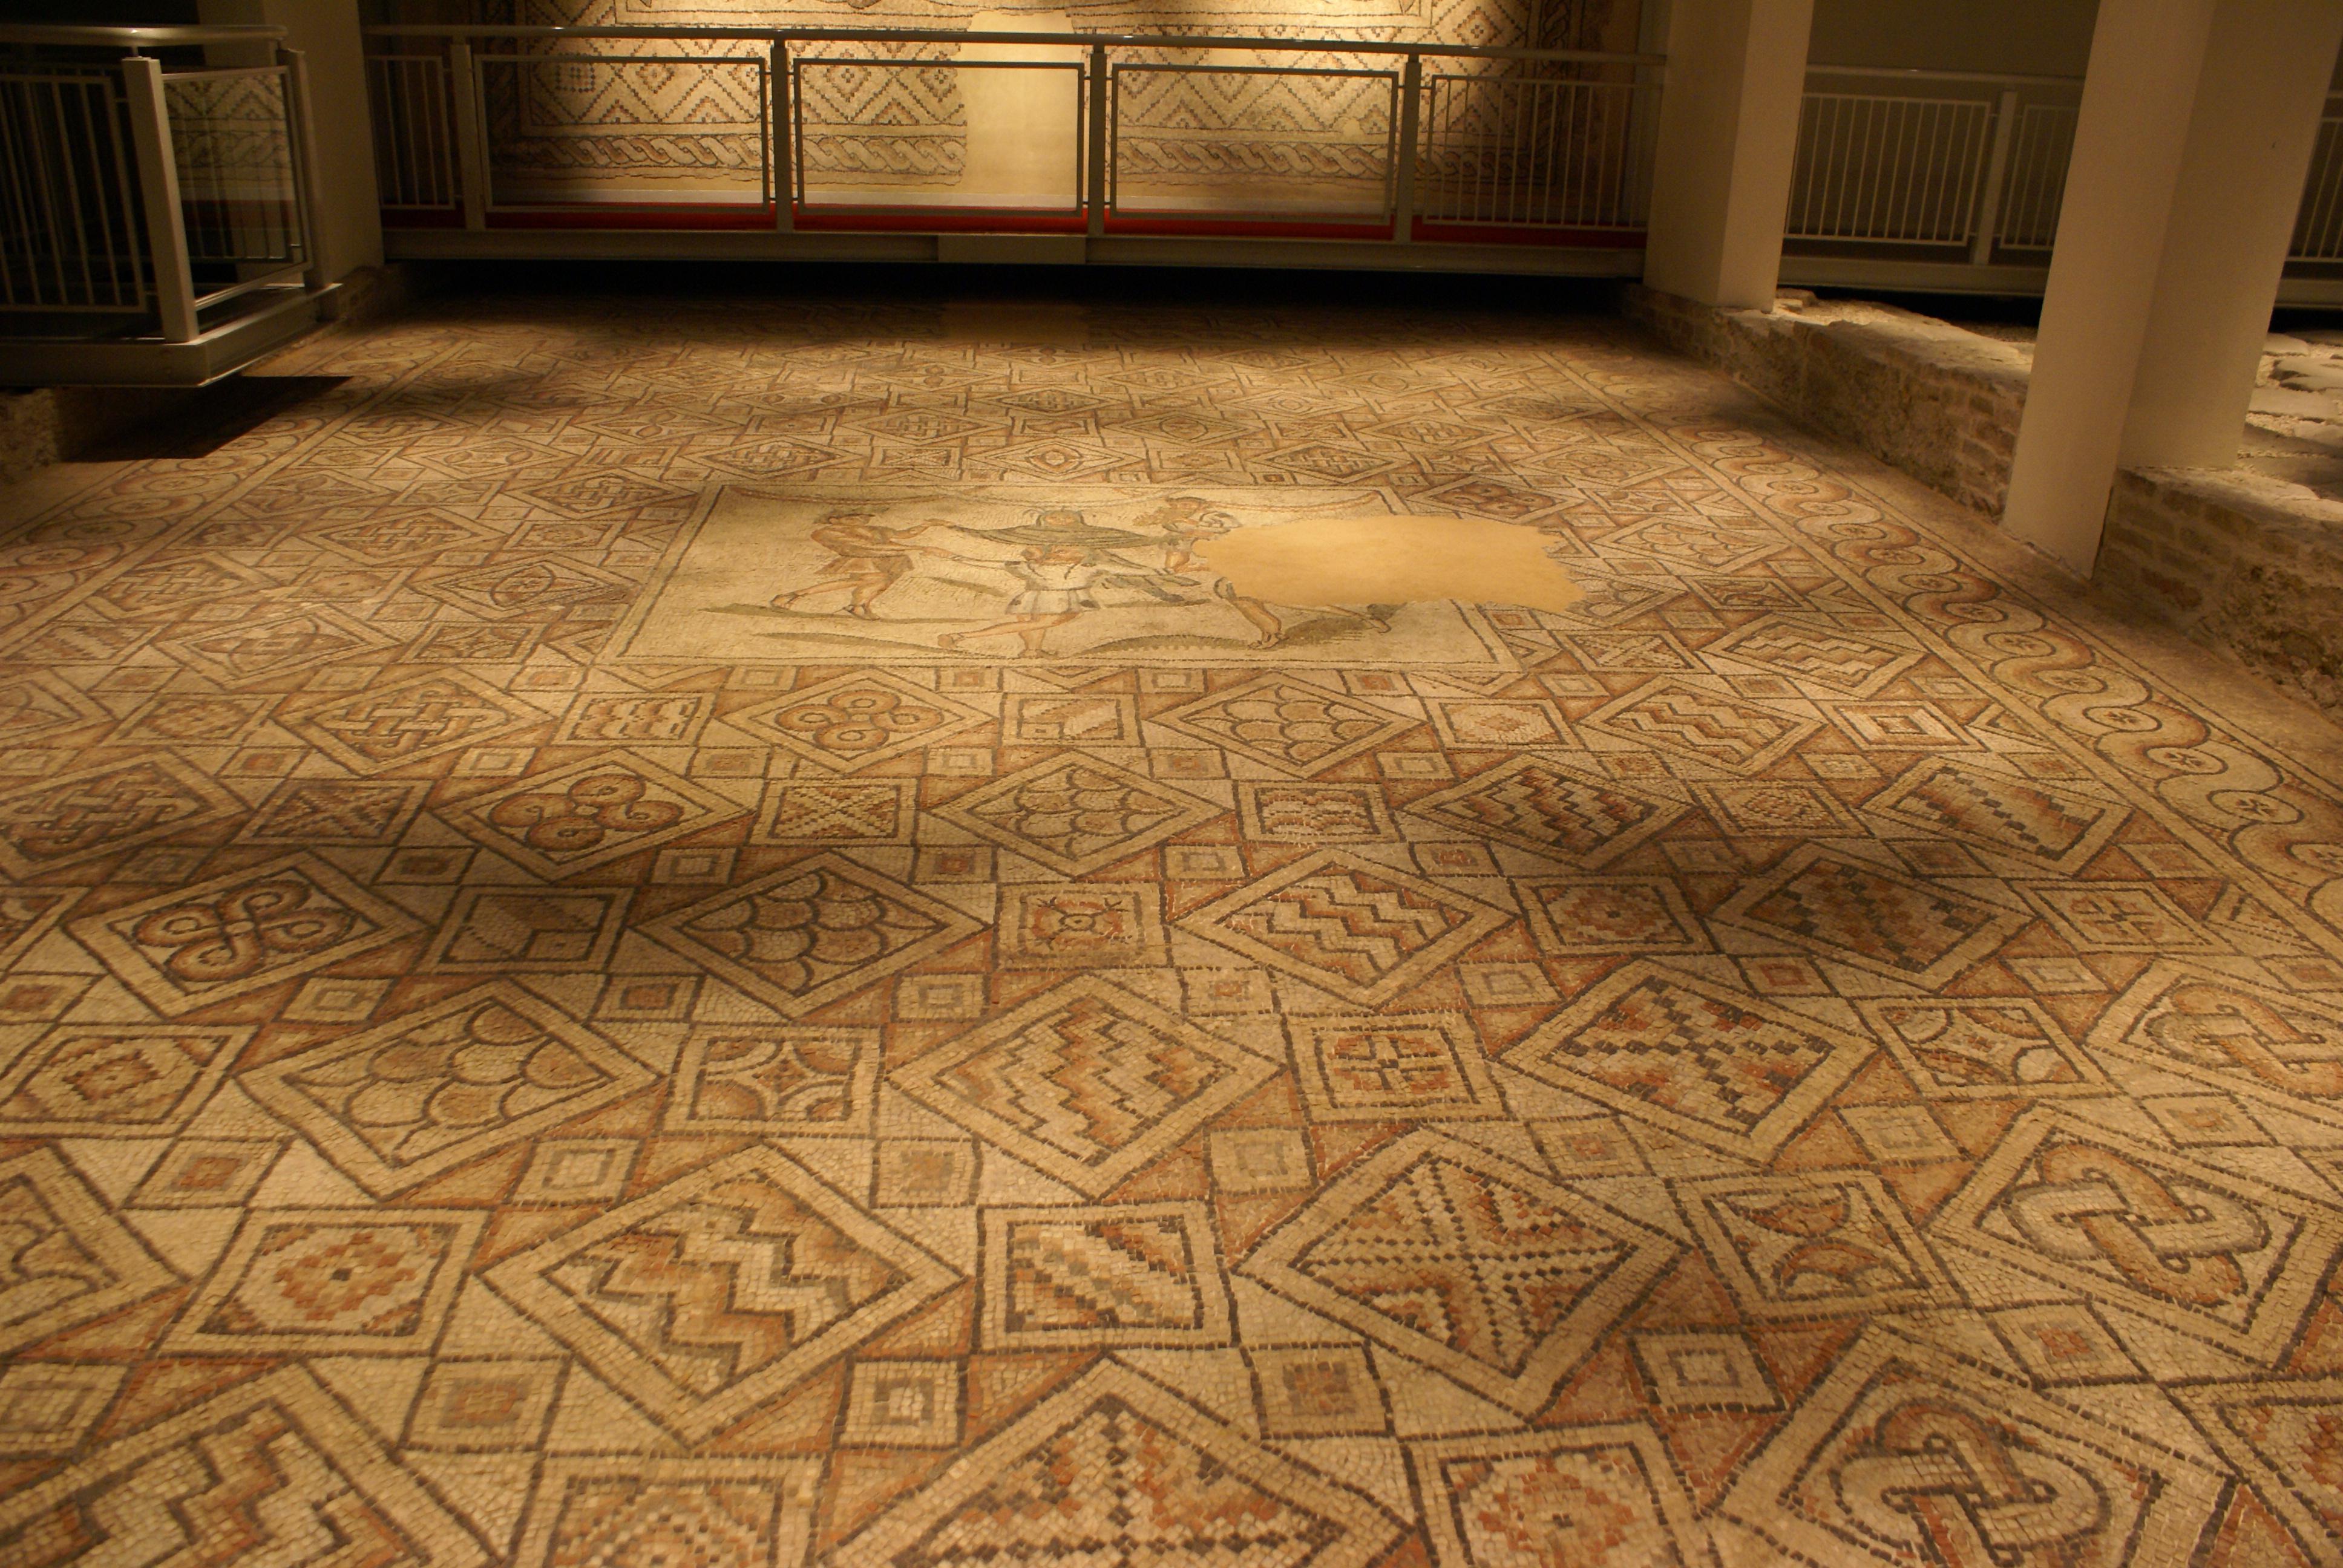 File:Pavimenti con mosaico.JPG - Wikimedia Commons